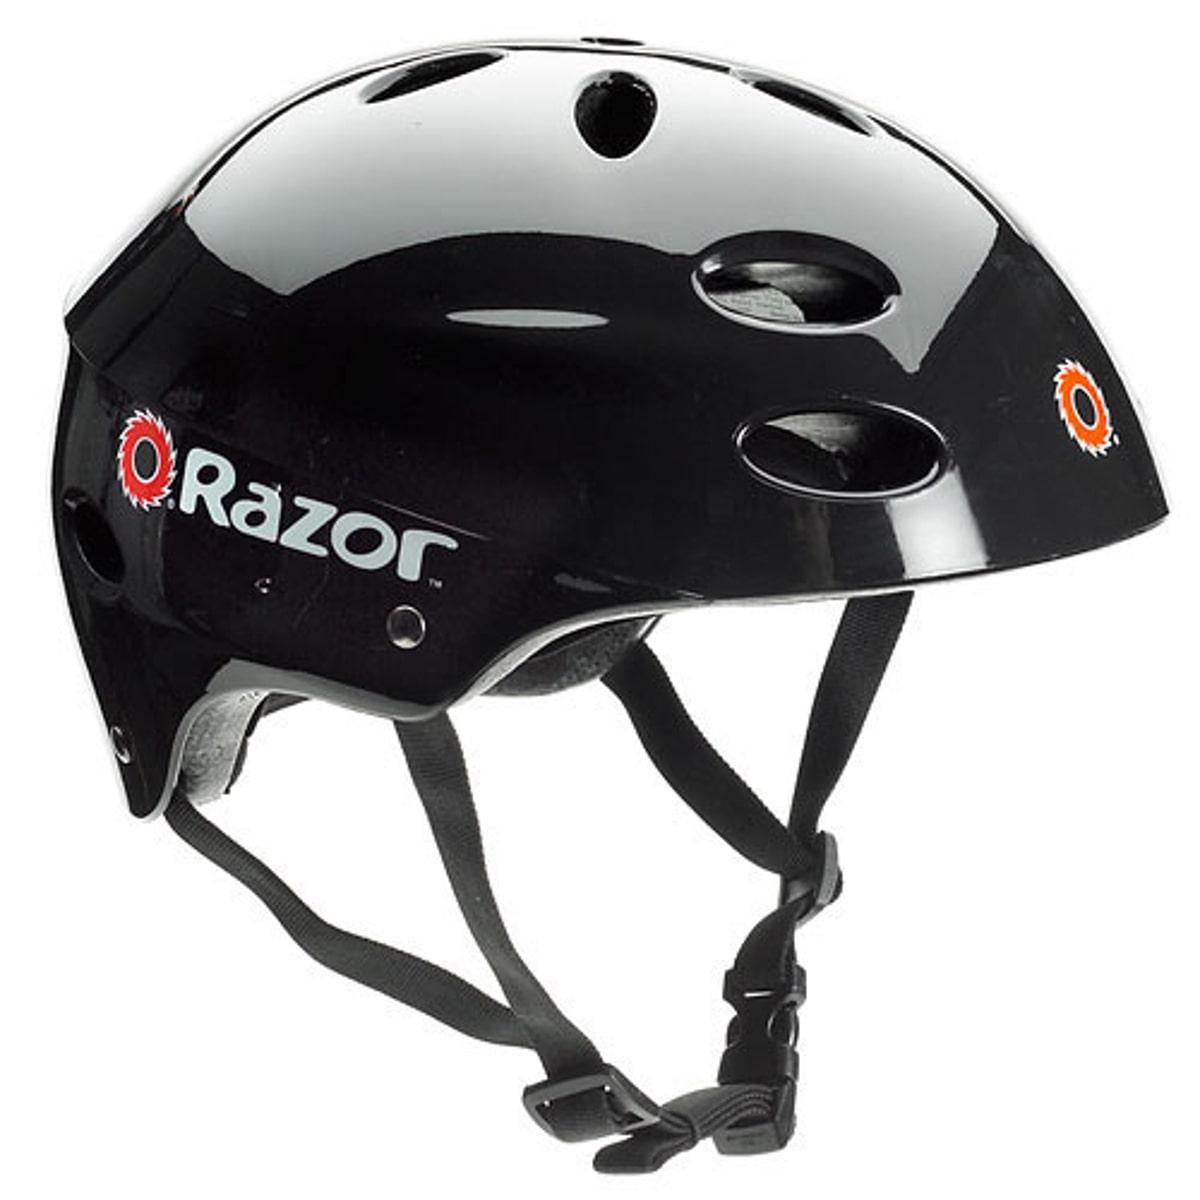 Razor Gloss Black V17 Helmet, Adult